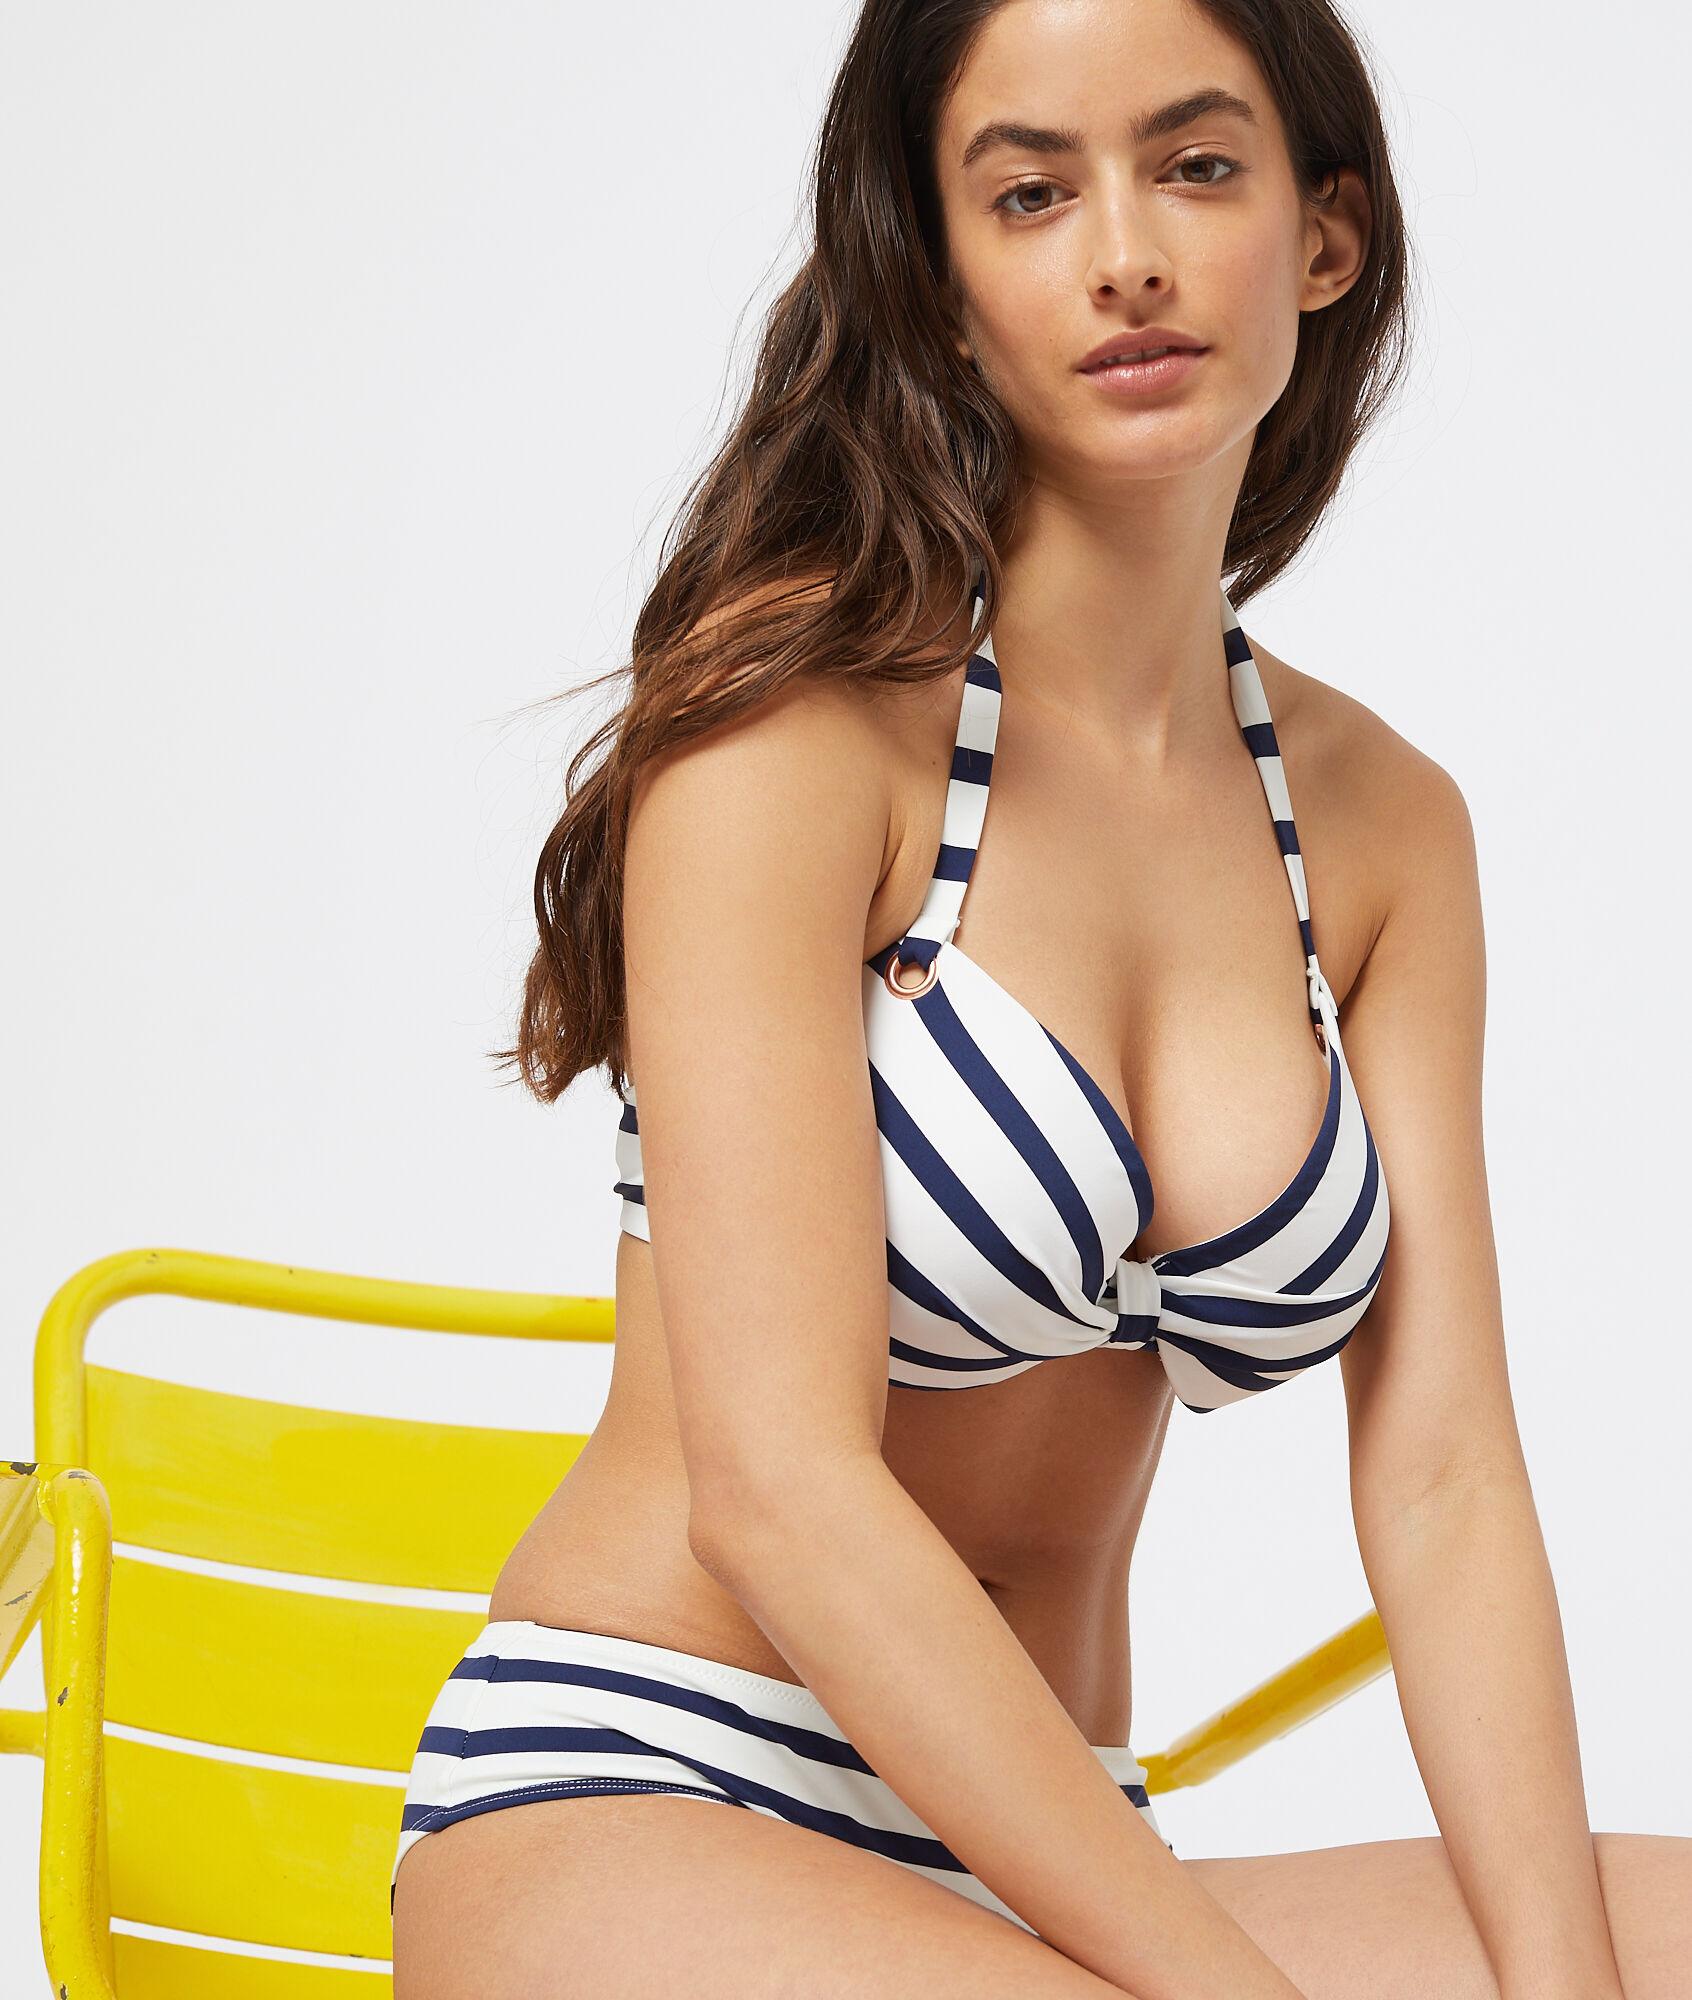 89f89b929 Sujetador bikini con foam estampado de rayas. Copa B-E - LIMA ...